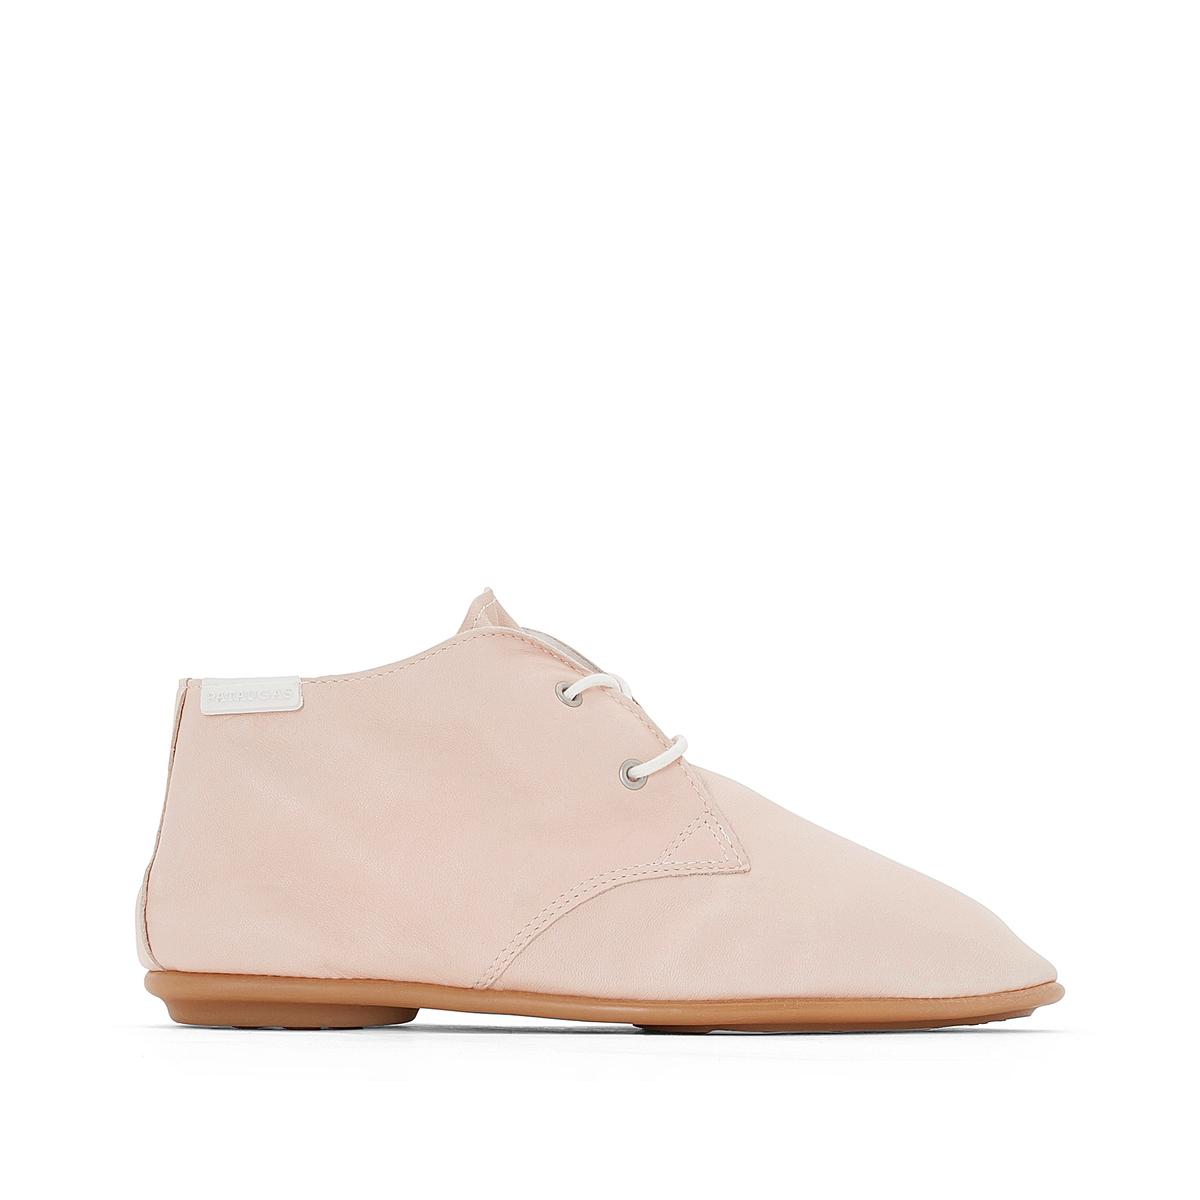 Ботинки кожаные Scoot/NВерх/Голенище : Кожа.  Подкладка : Кожа.  Стелька : Кожа.  Подошва : резина   Форма каблука : плоский каблук  Мысок : закругленный.  Застежка : шнуровка<br><br>Цвет: серый,телесный<br>Размер: 36.39